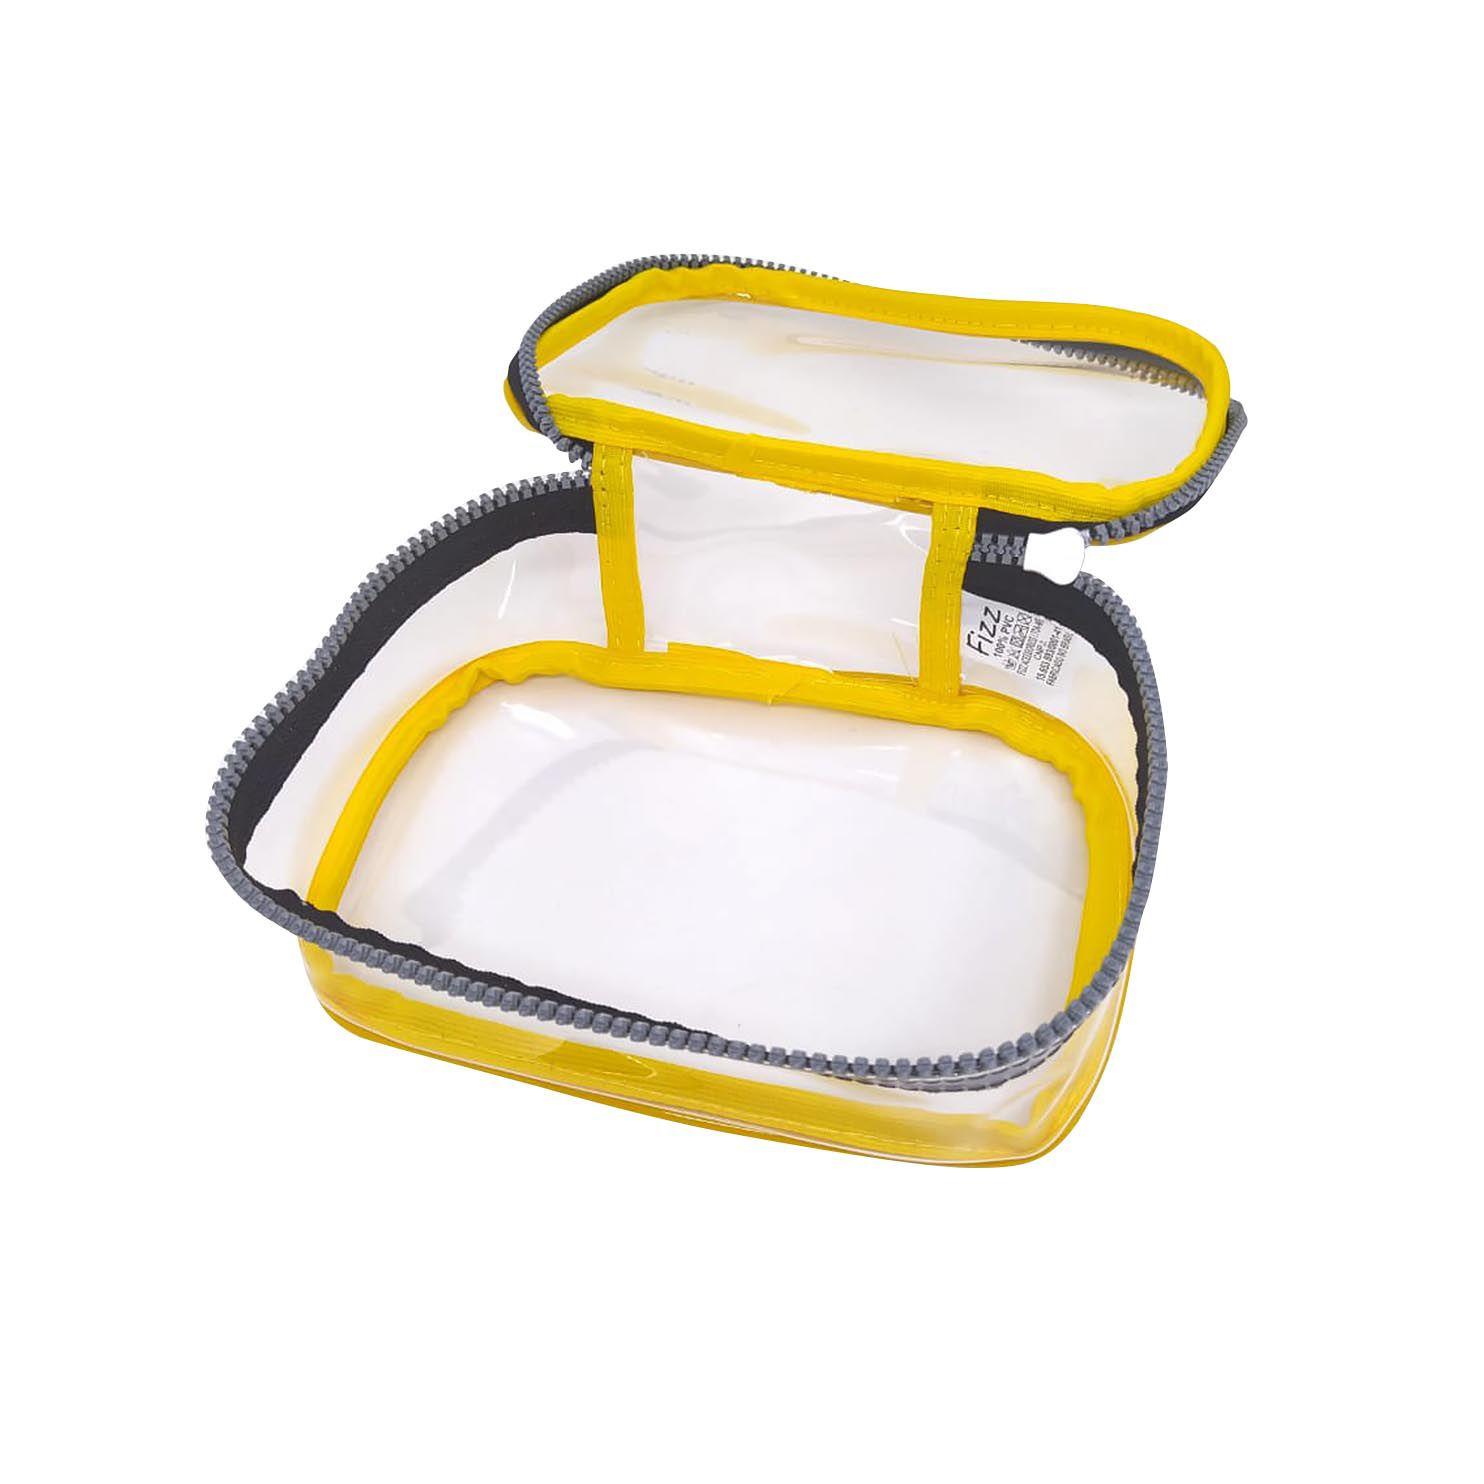 Estojo escolar box amarelo transparente Fizz